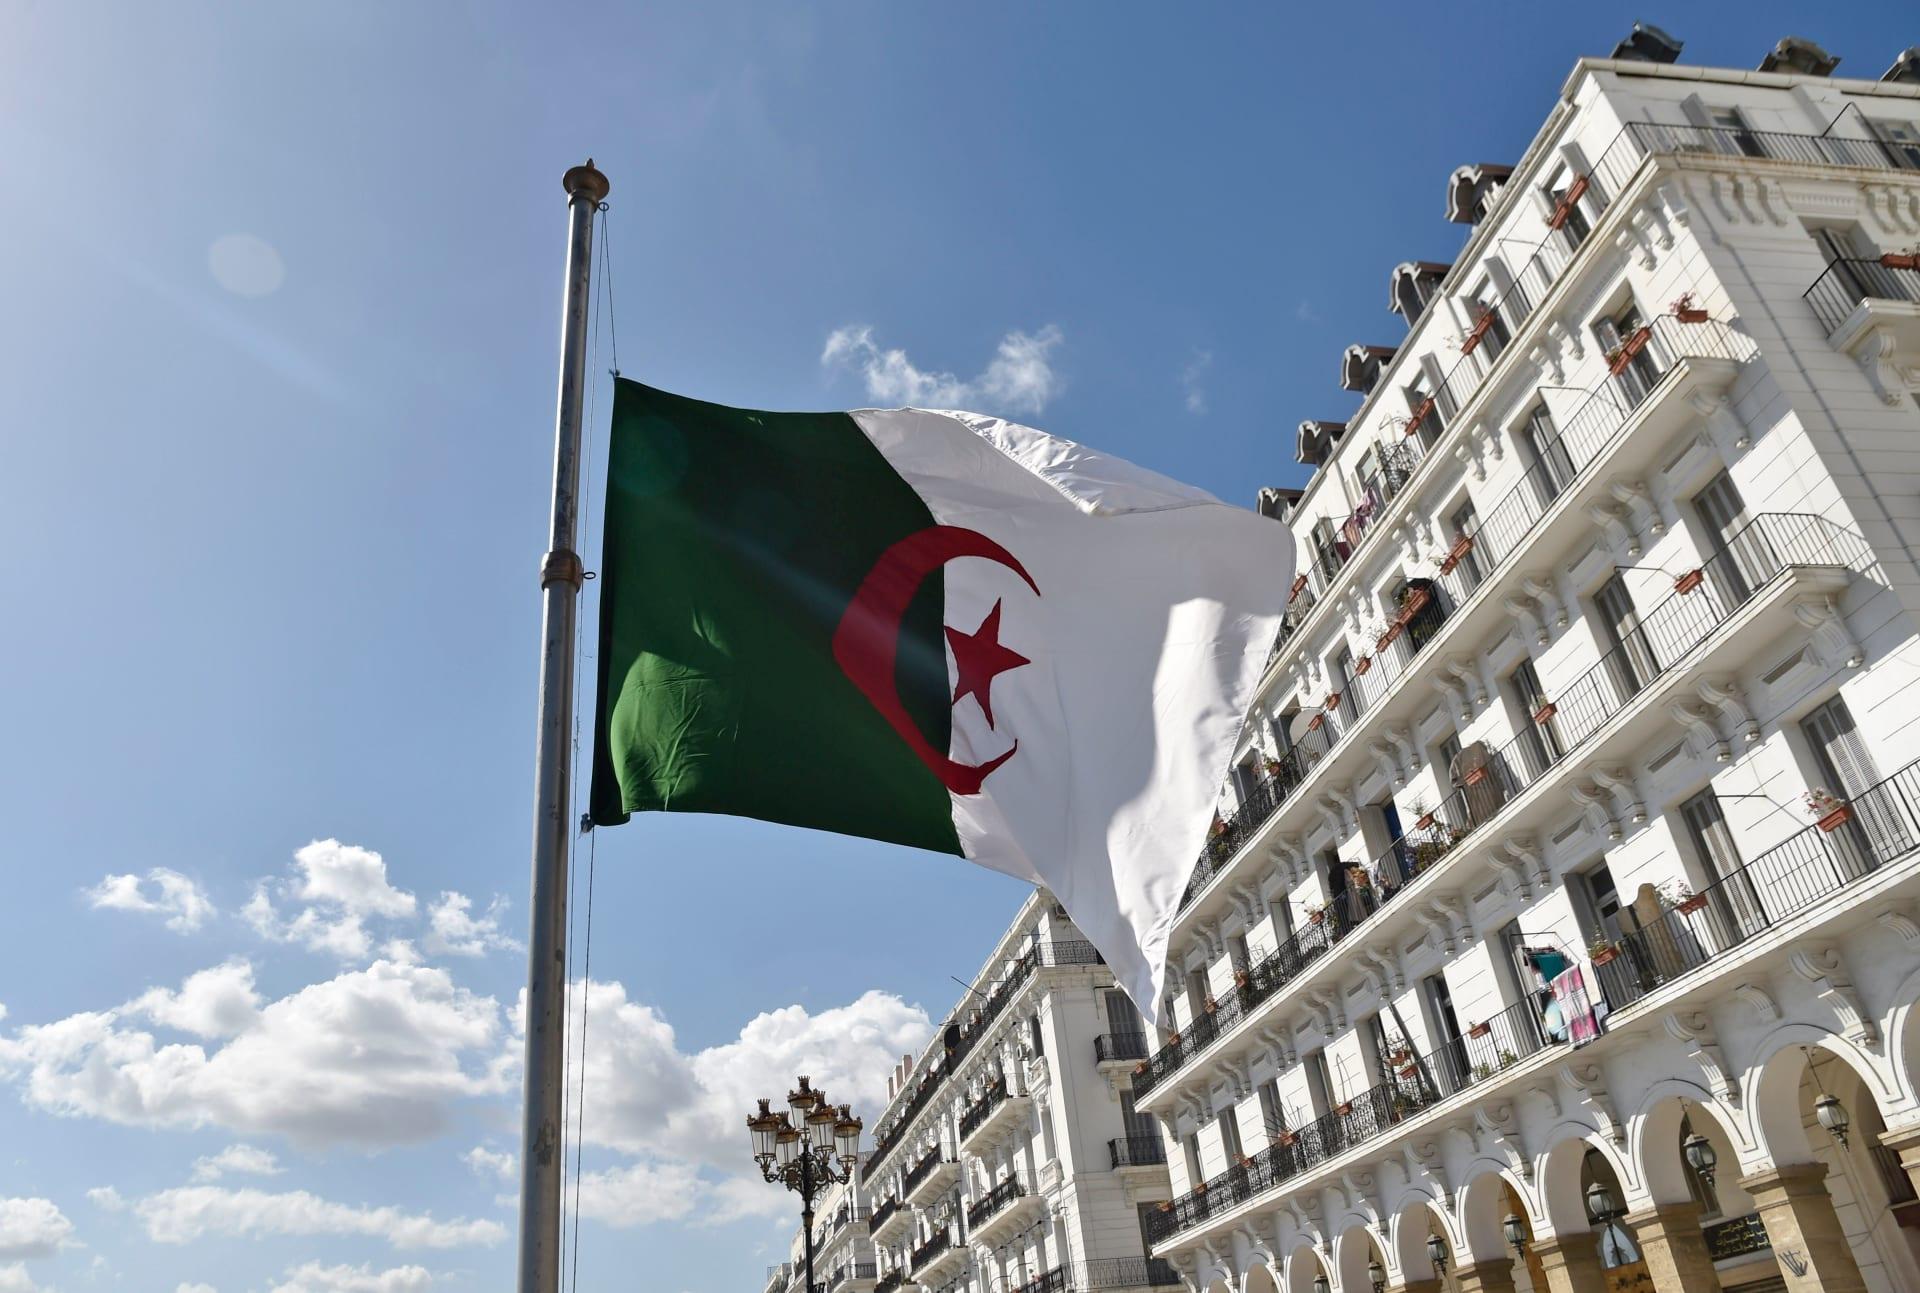 الجزائر: فتح تحقيق في اتهام المغرب بالتجسس على شخصيات جزائرية عبر برنامج بيغاسوس